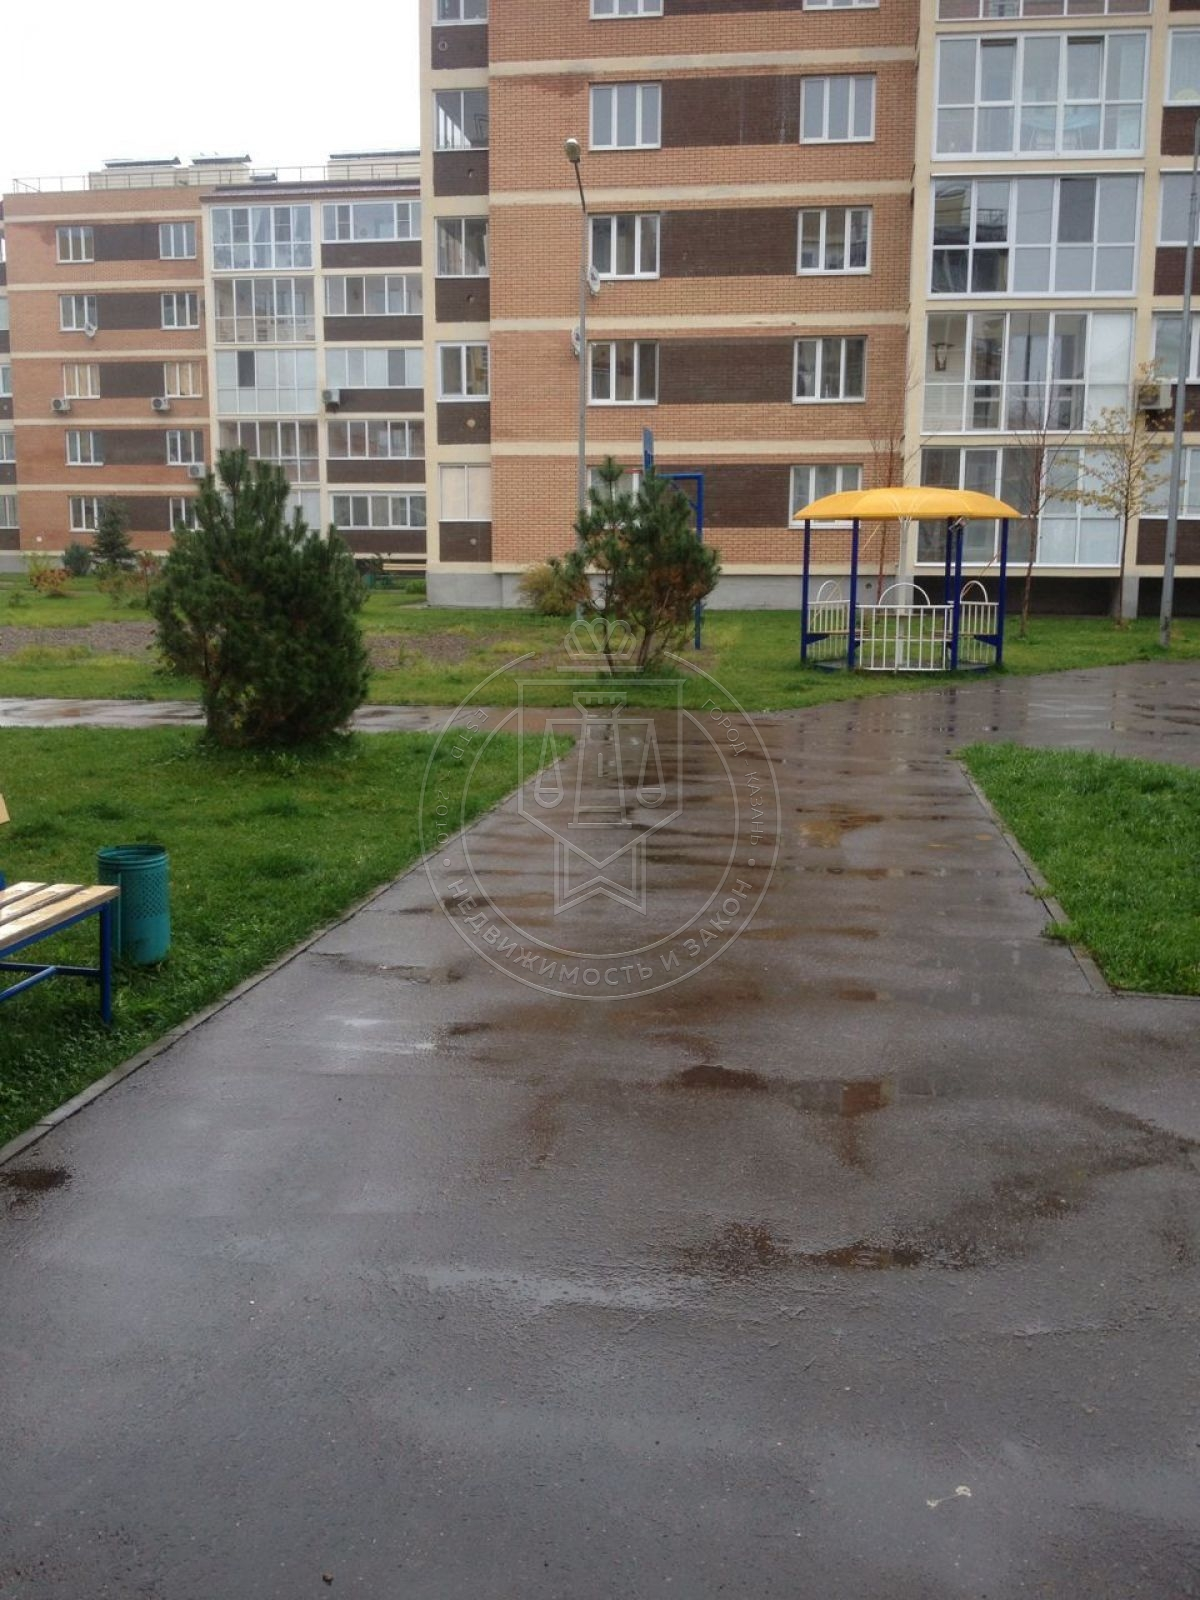 Продажа 1-к квартиры Солнечная (Лесной городок) ул, 58, 50.0 м² (миниатюра №1)